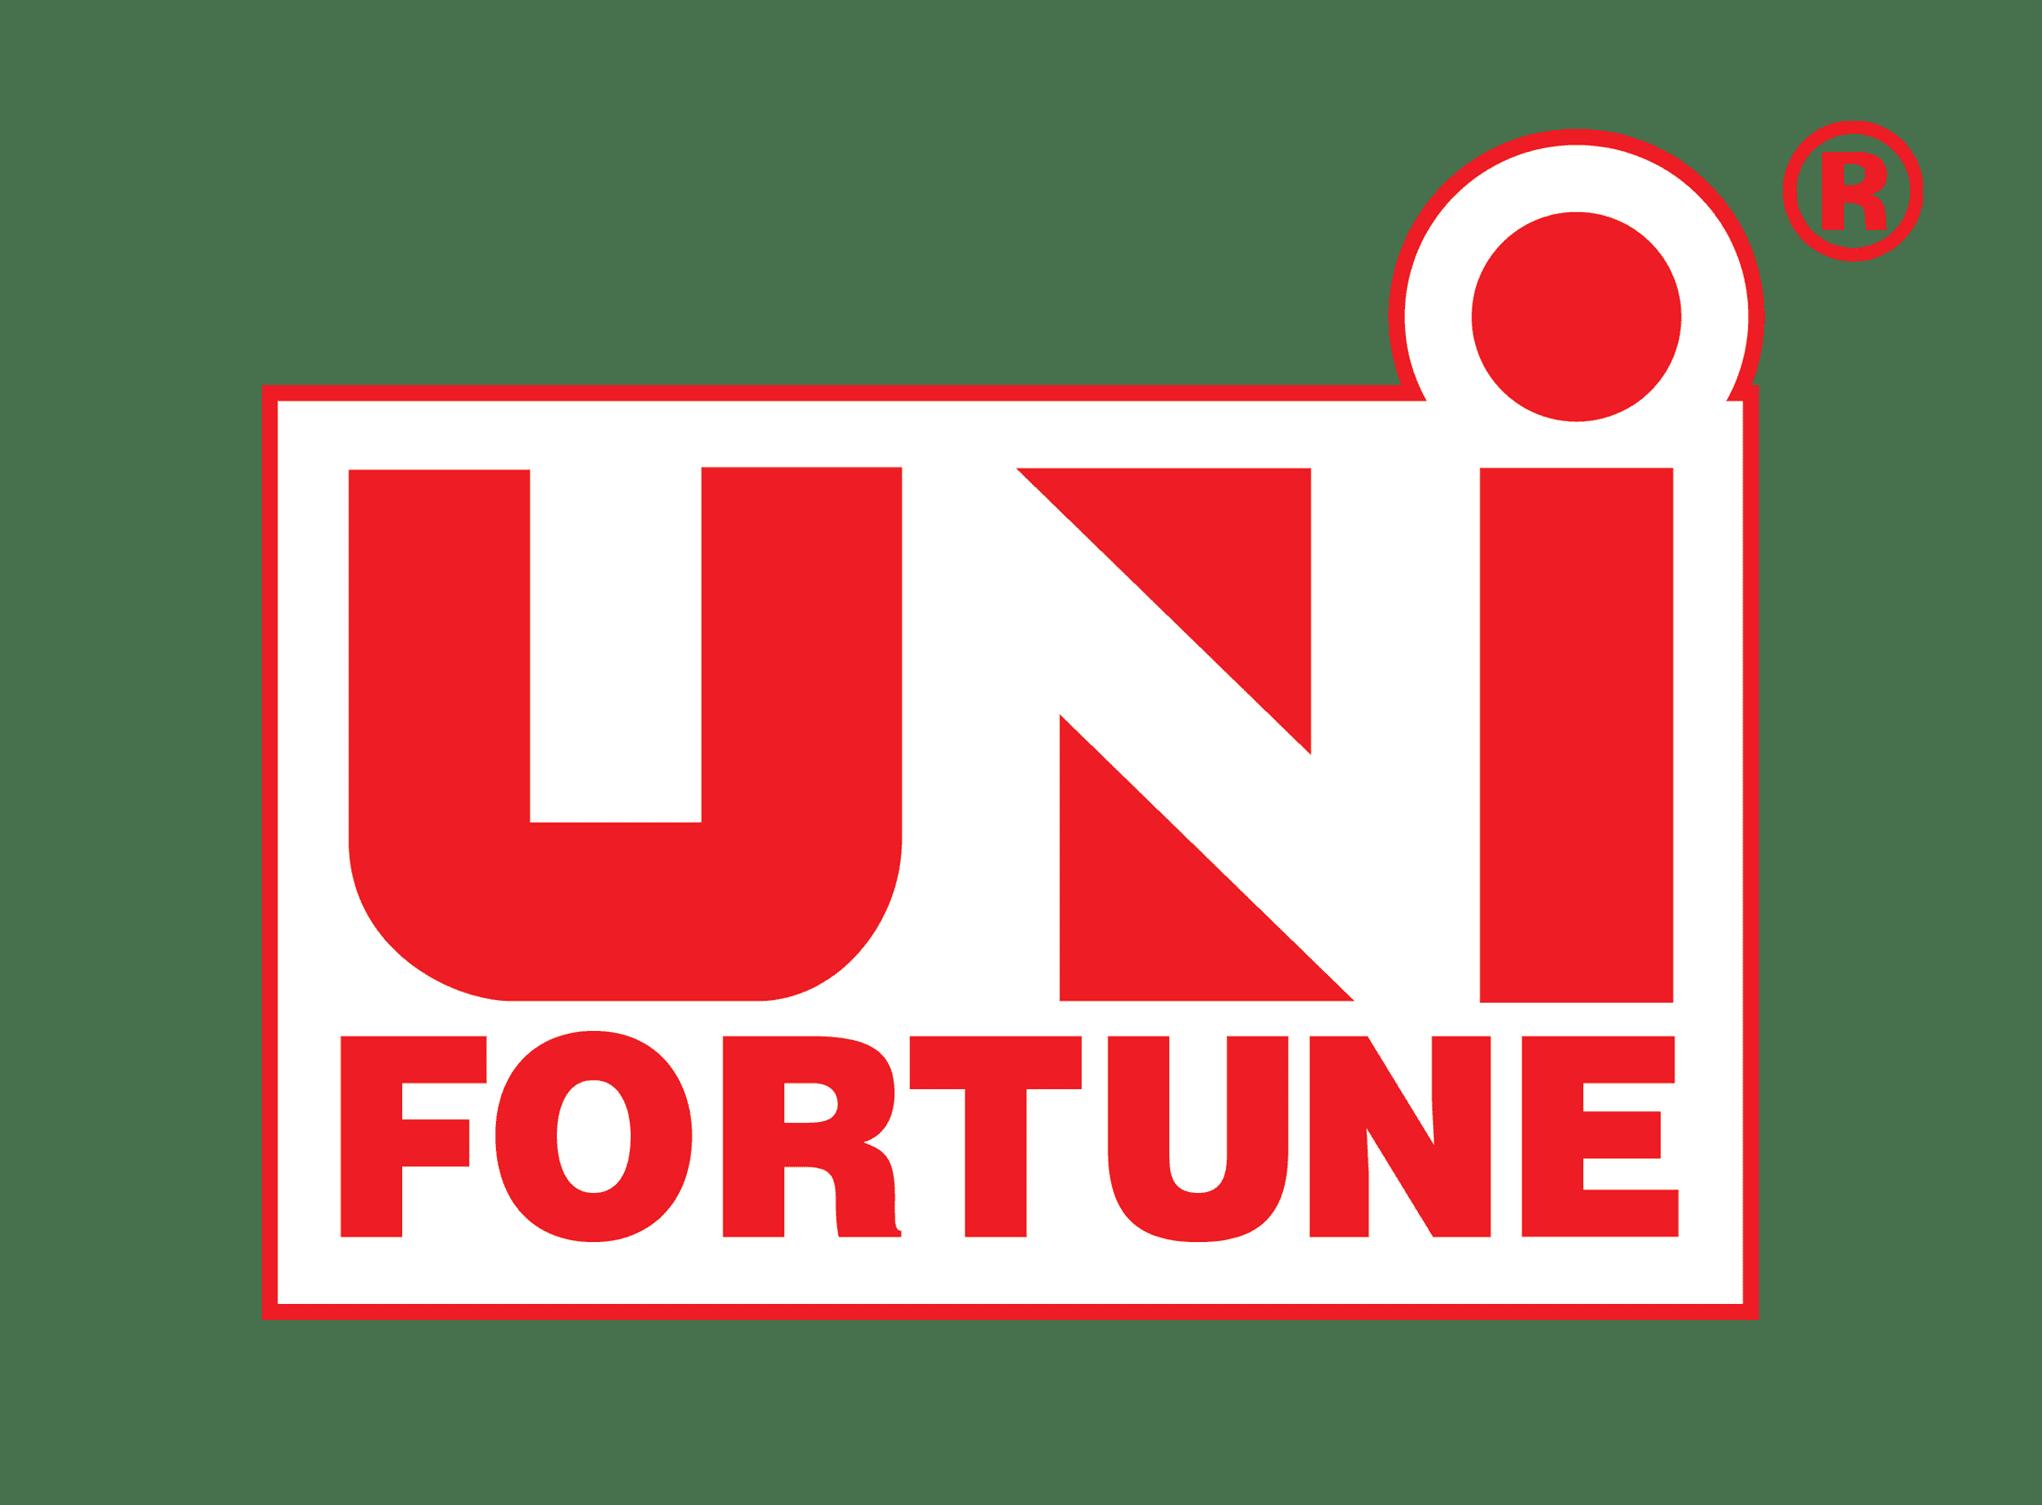 Логотип гонконгской компании - Uni-Fortune Toys Industrial Ltd.